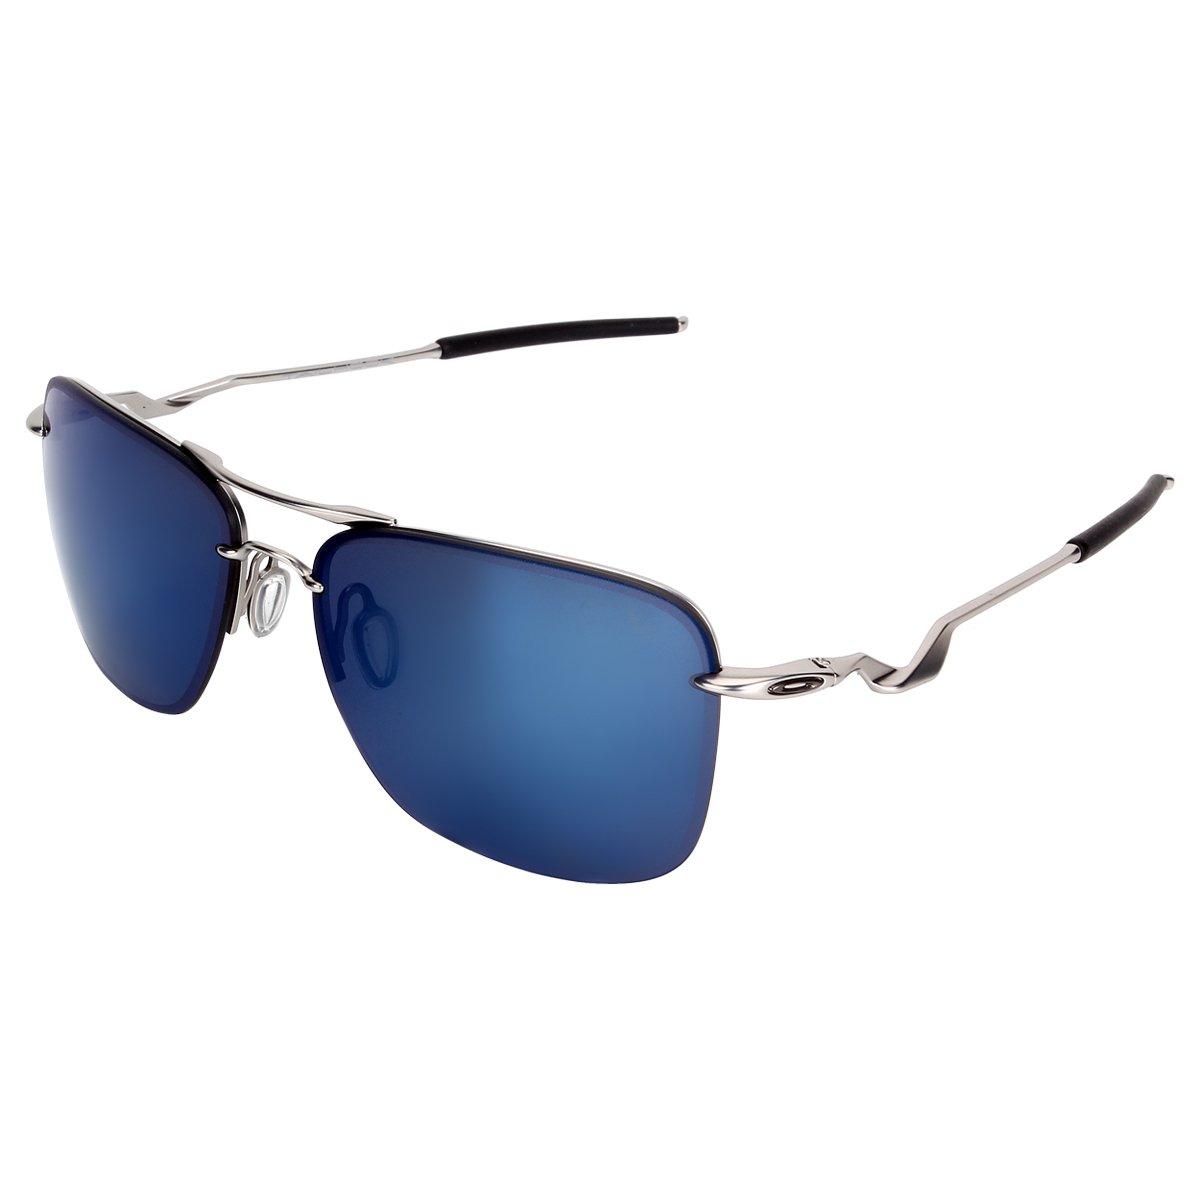 4e7bc3338e7c8 Óculos Oakley Tailhook Satin-OO4087 - Compre Agora